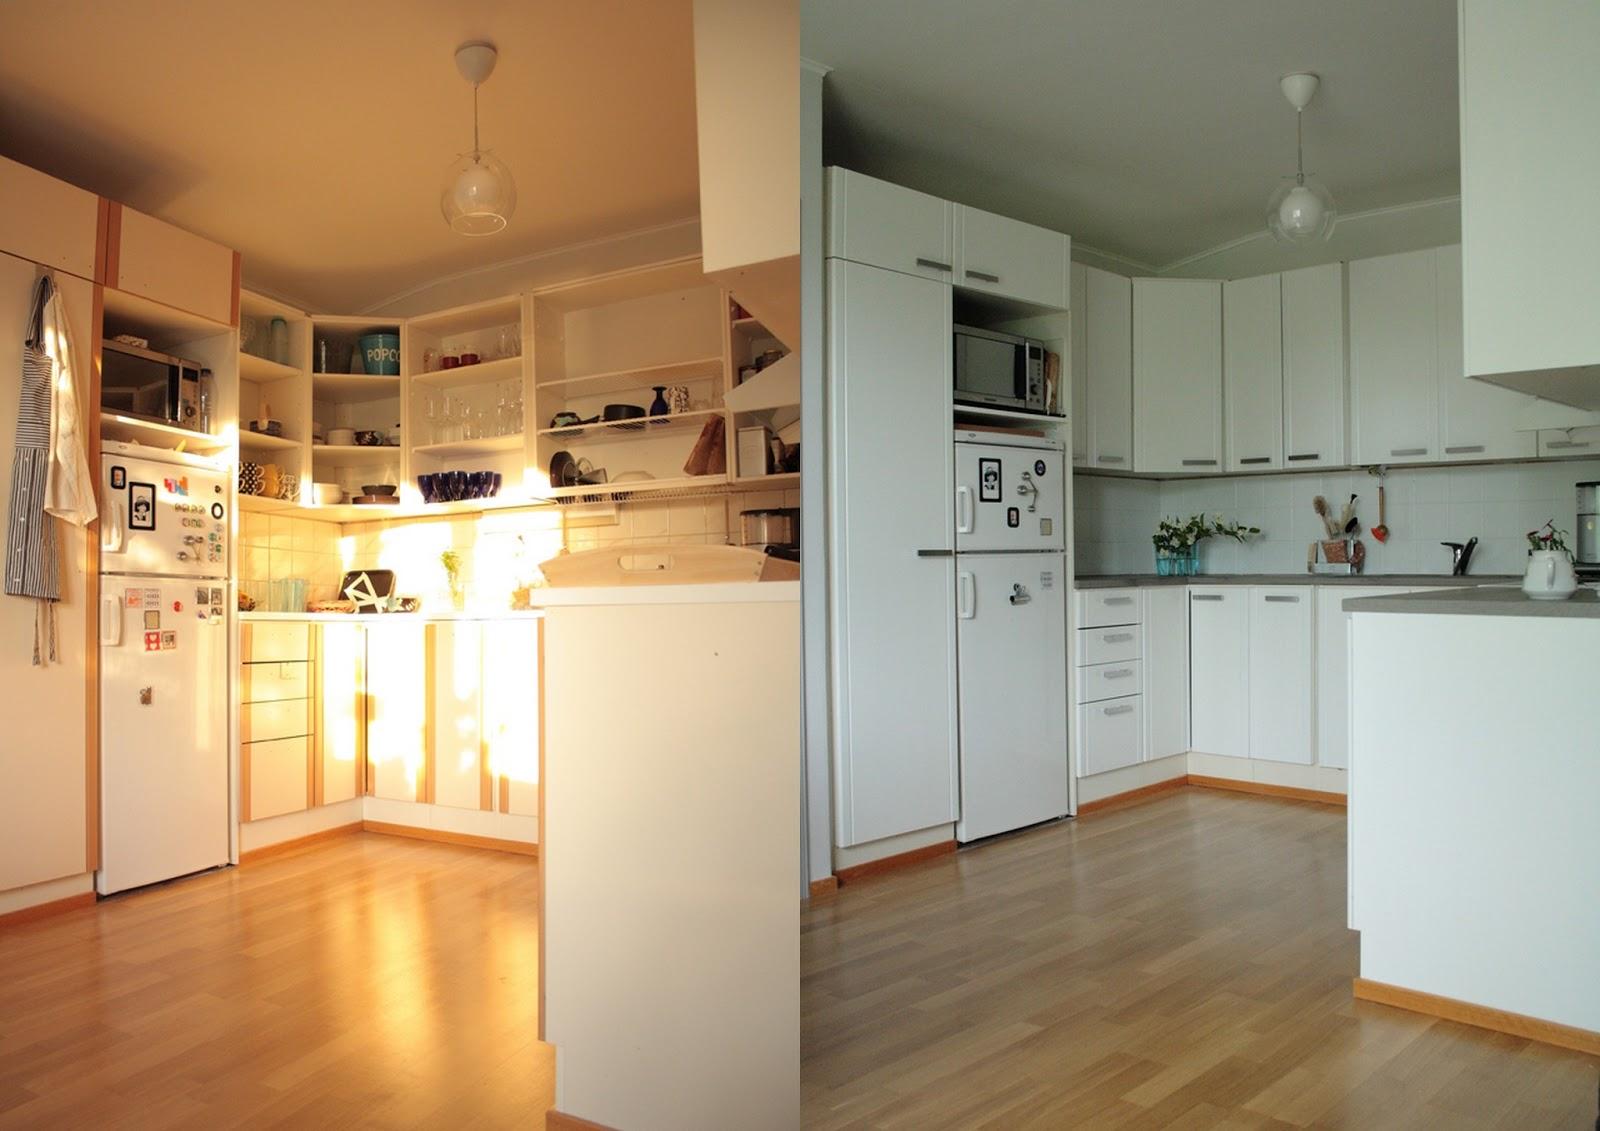 Melkein kuin uusi Minibudjetin keittiöremppa #6  Ennen